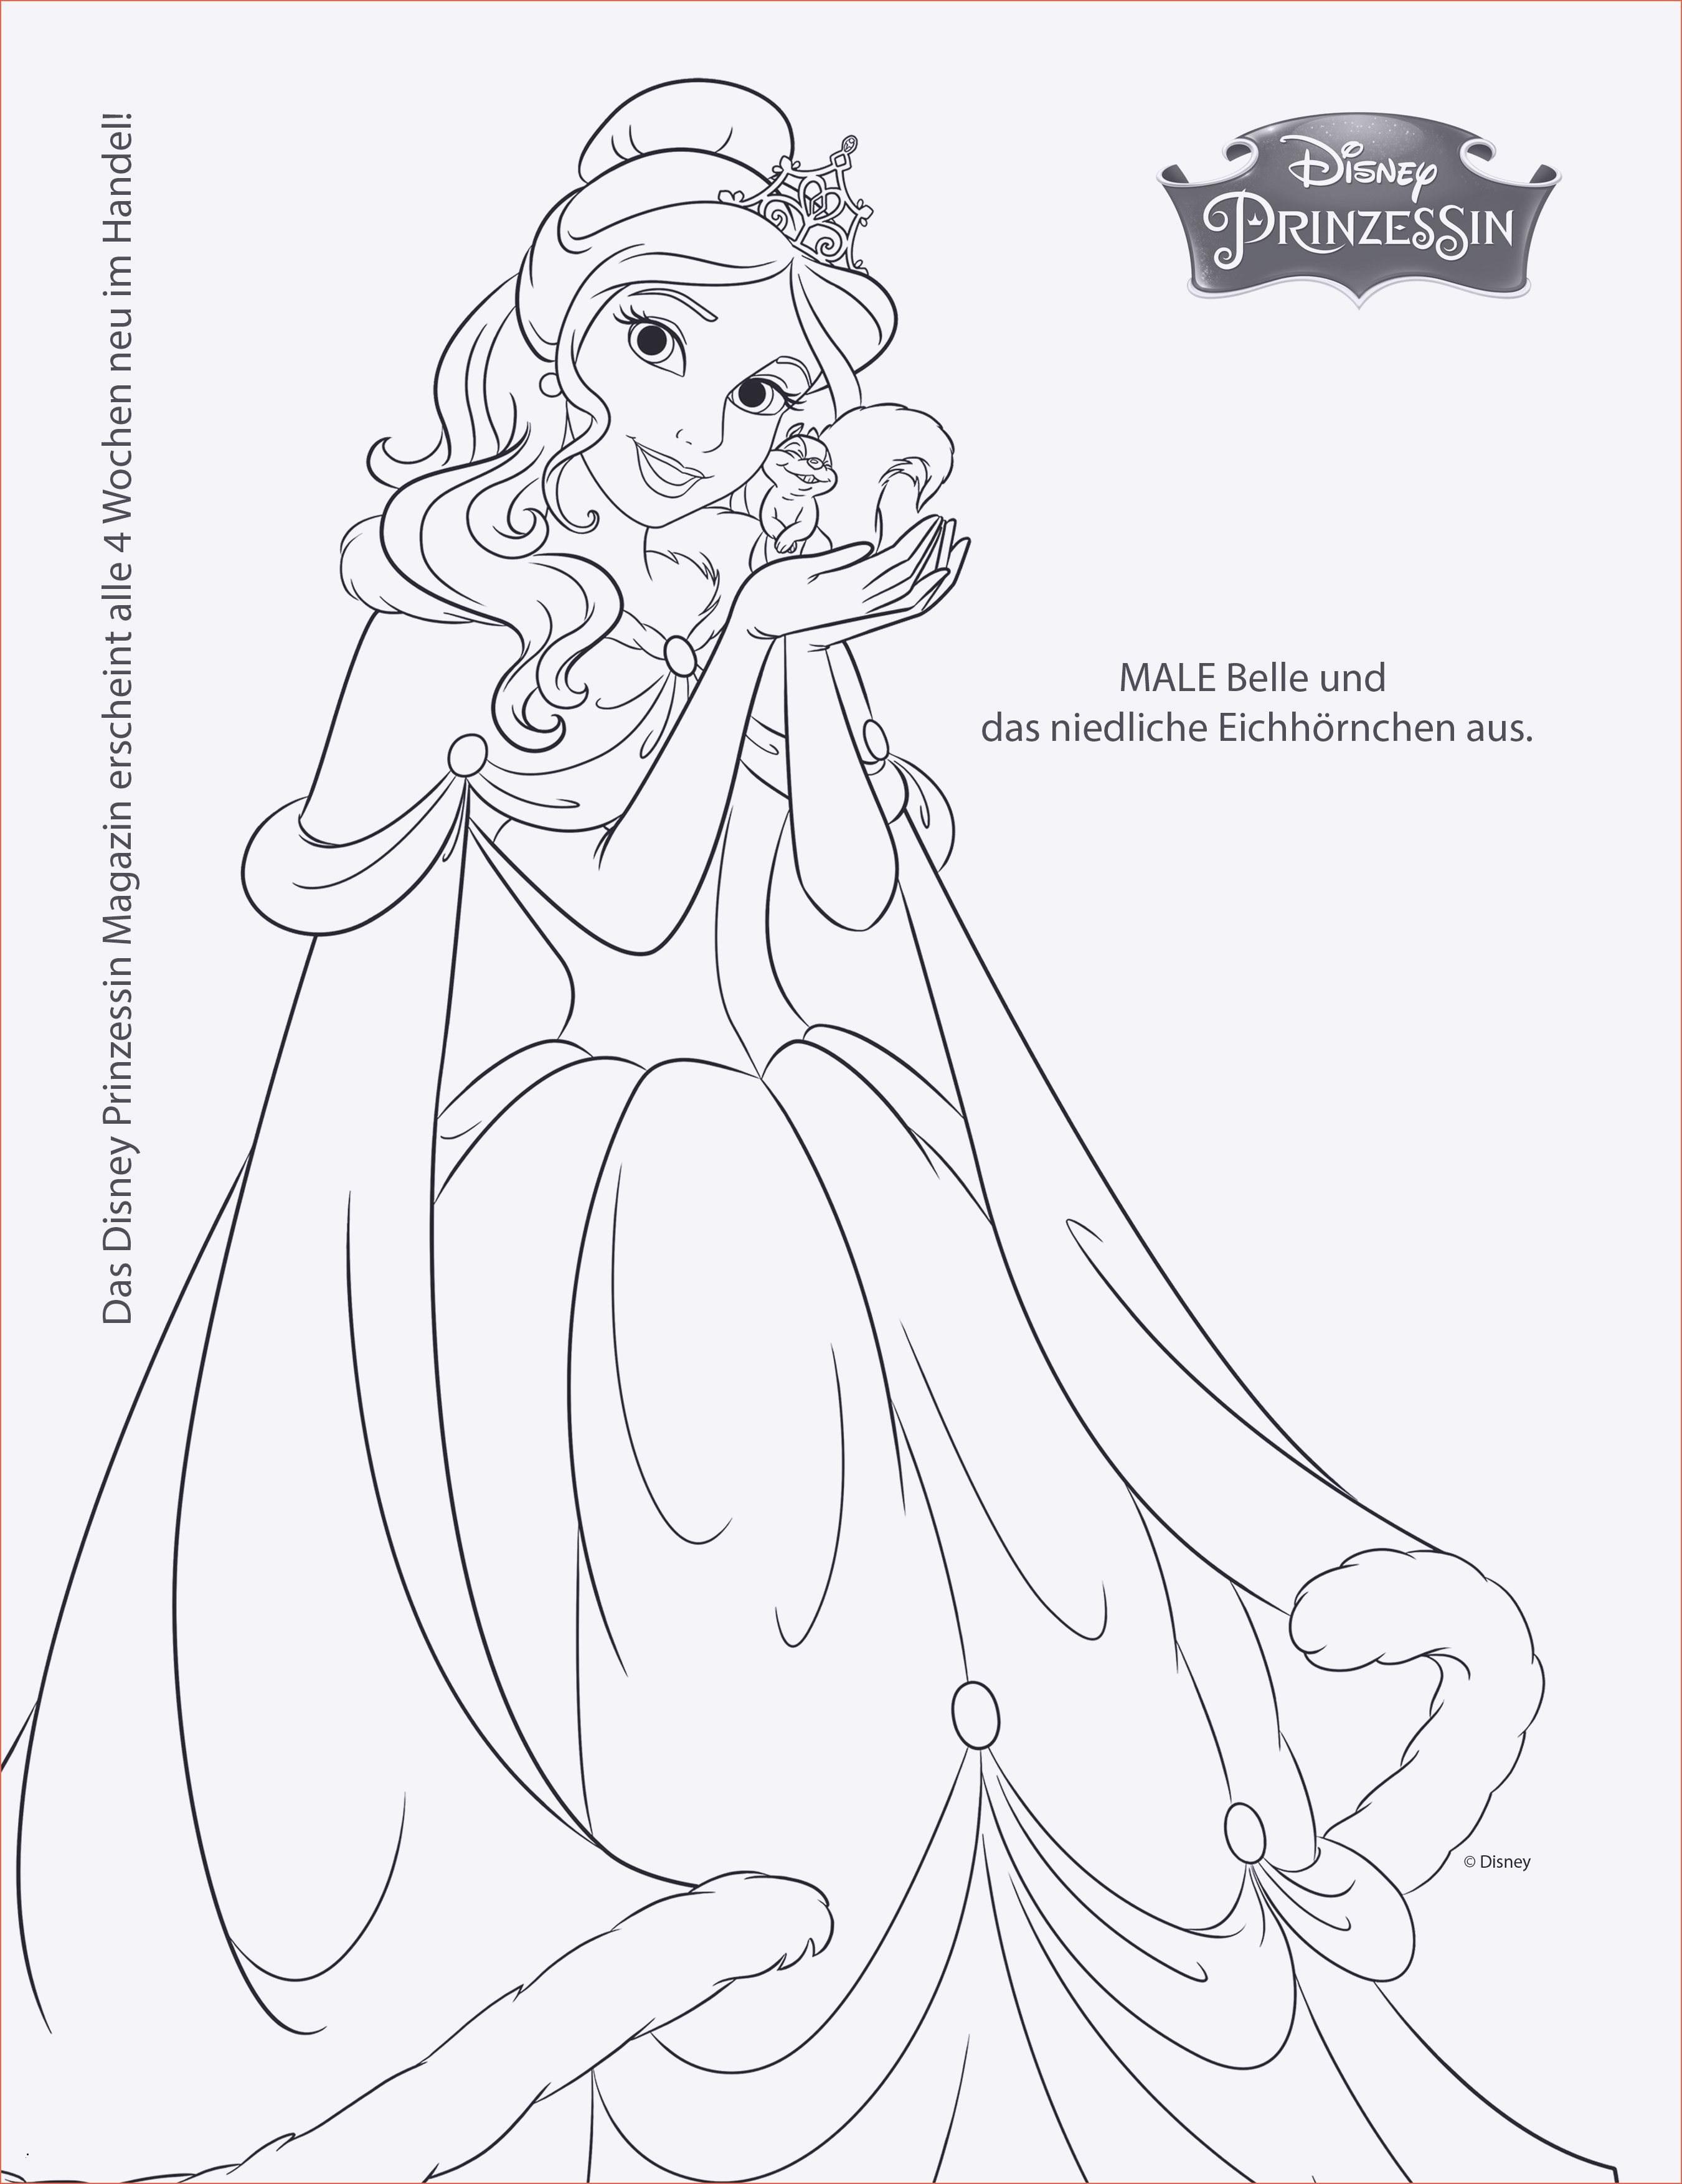 Ausmalbilder Disney Prinzessin Jasmin Inspirierend 40 Entwurf Ausmalbilder Disney Kostenlos Treehouse Nyc Fotografieren